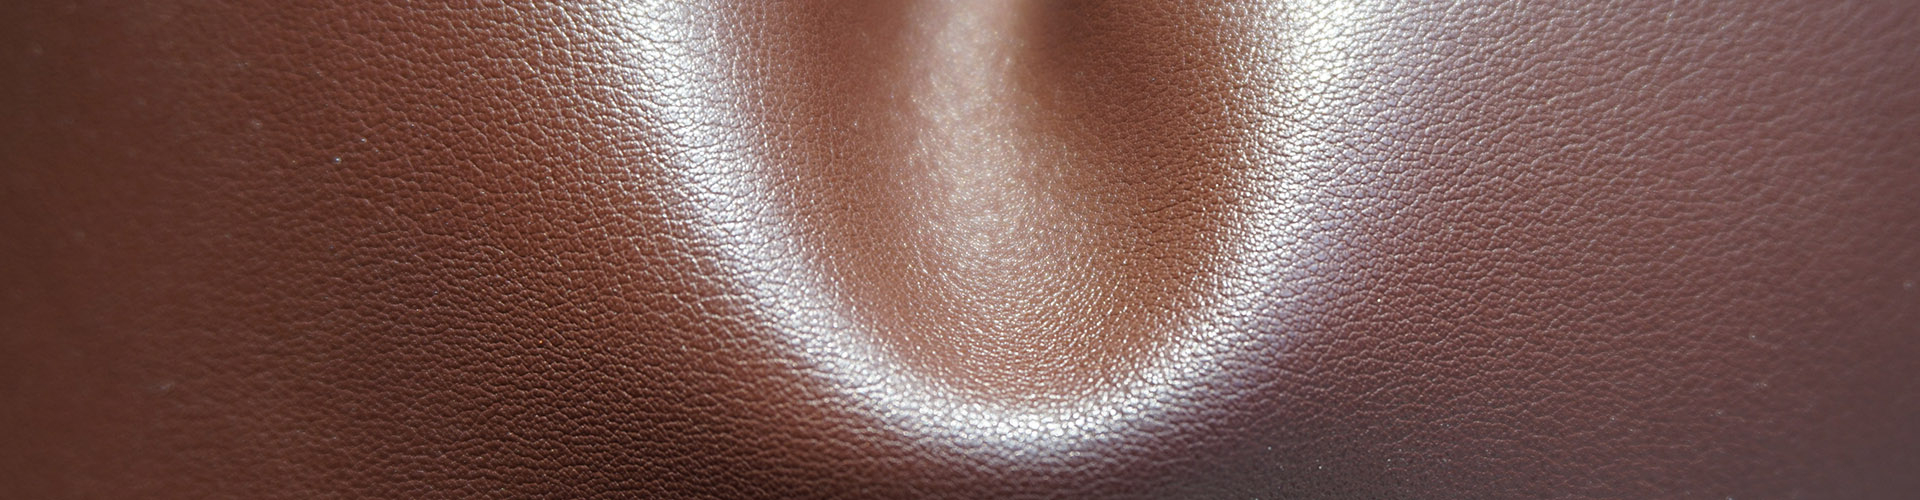 Schuh Materialien Lieferant Komponenten & Materialien für